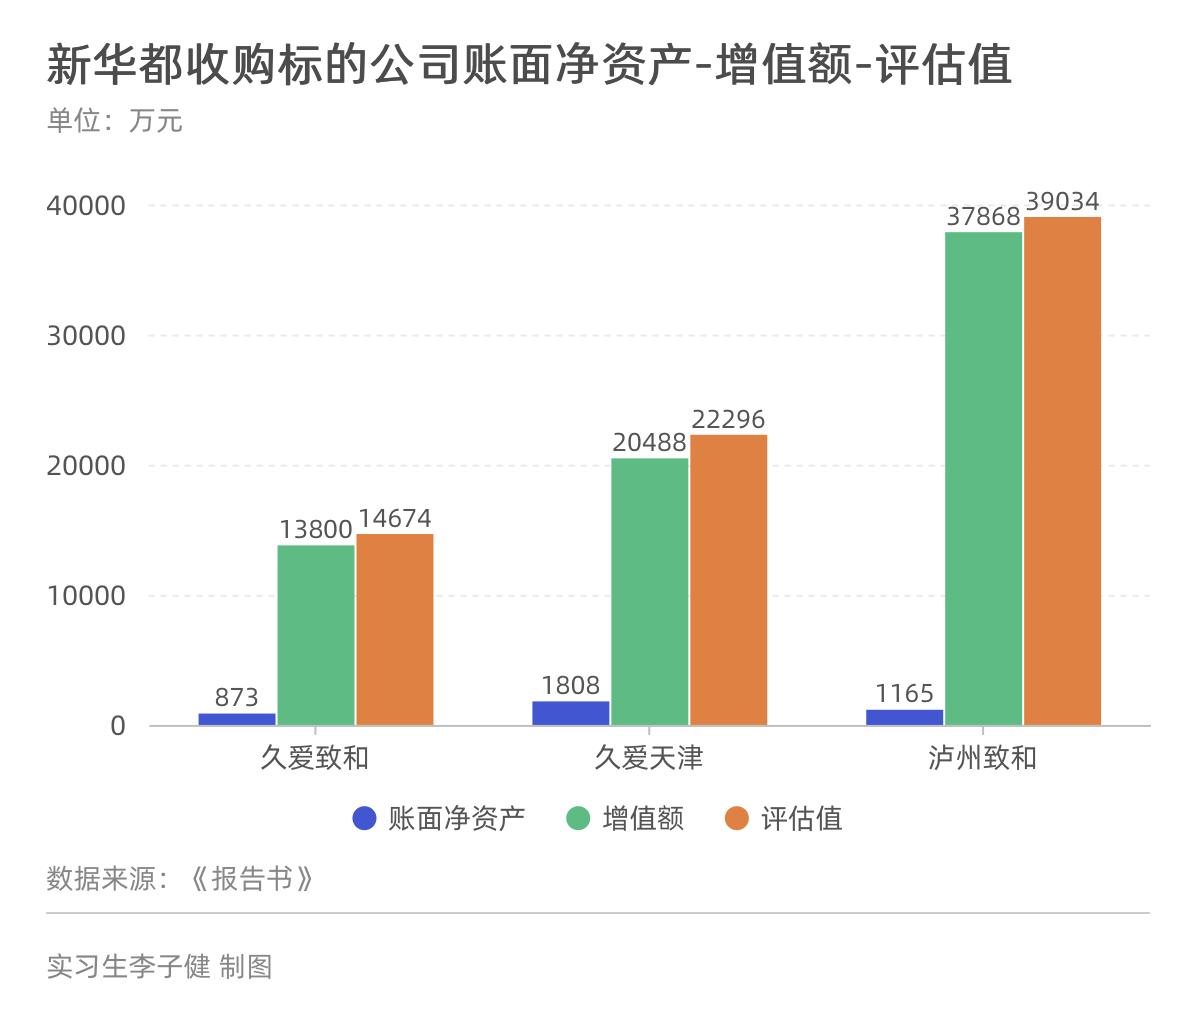 午评:沪股通净流出4.12亿深股通净流入18.51亿